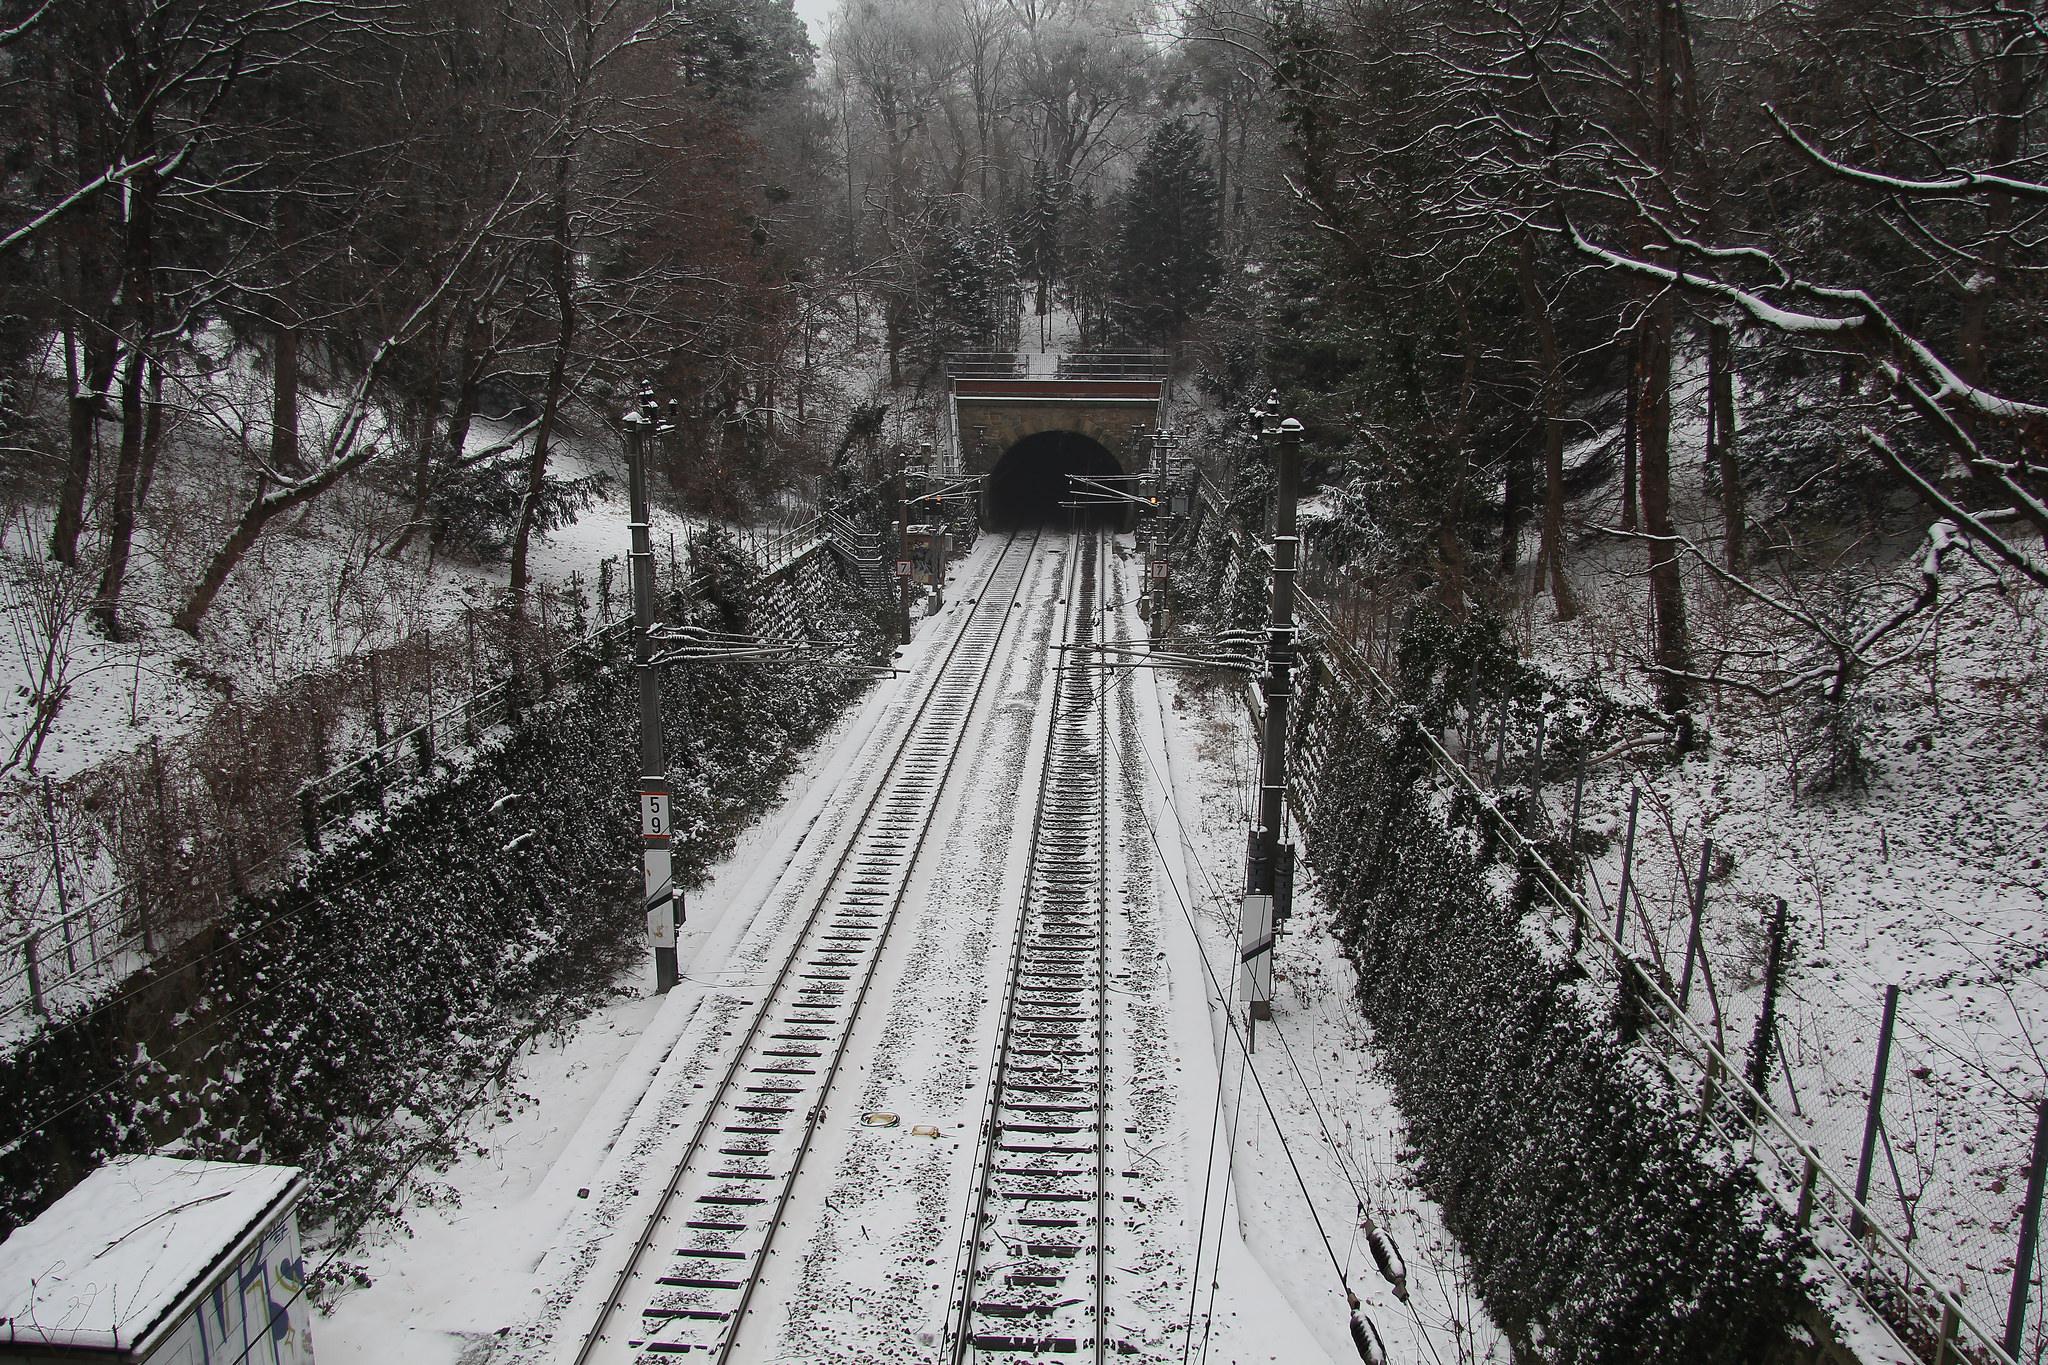 S45 track in winter through the Türkenschanzpark